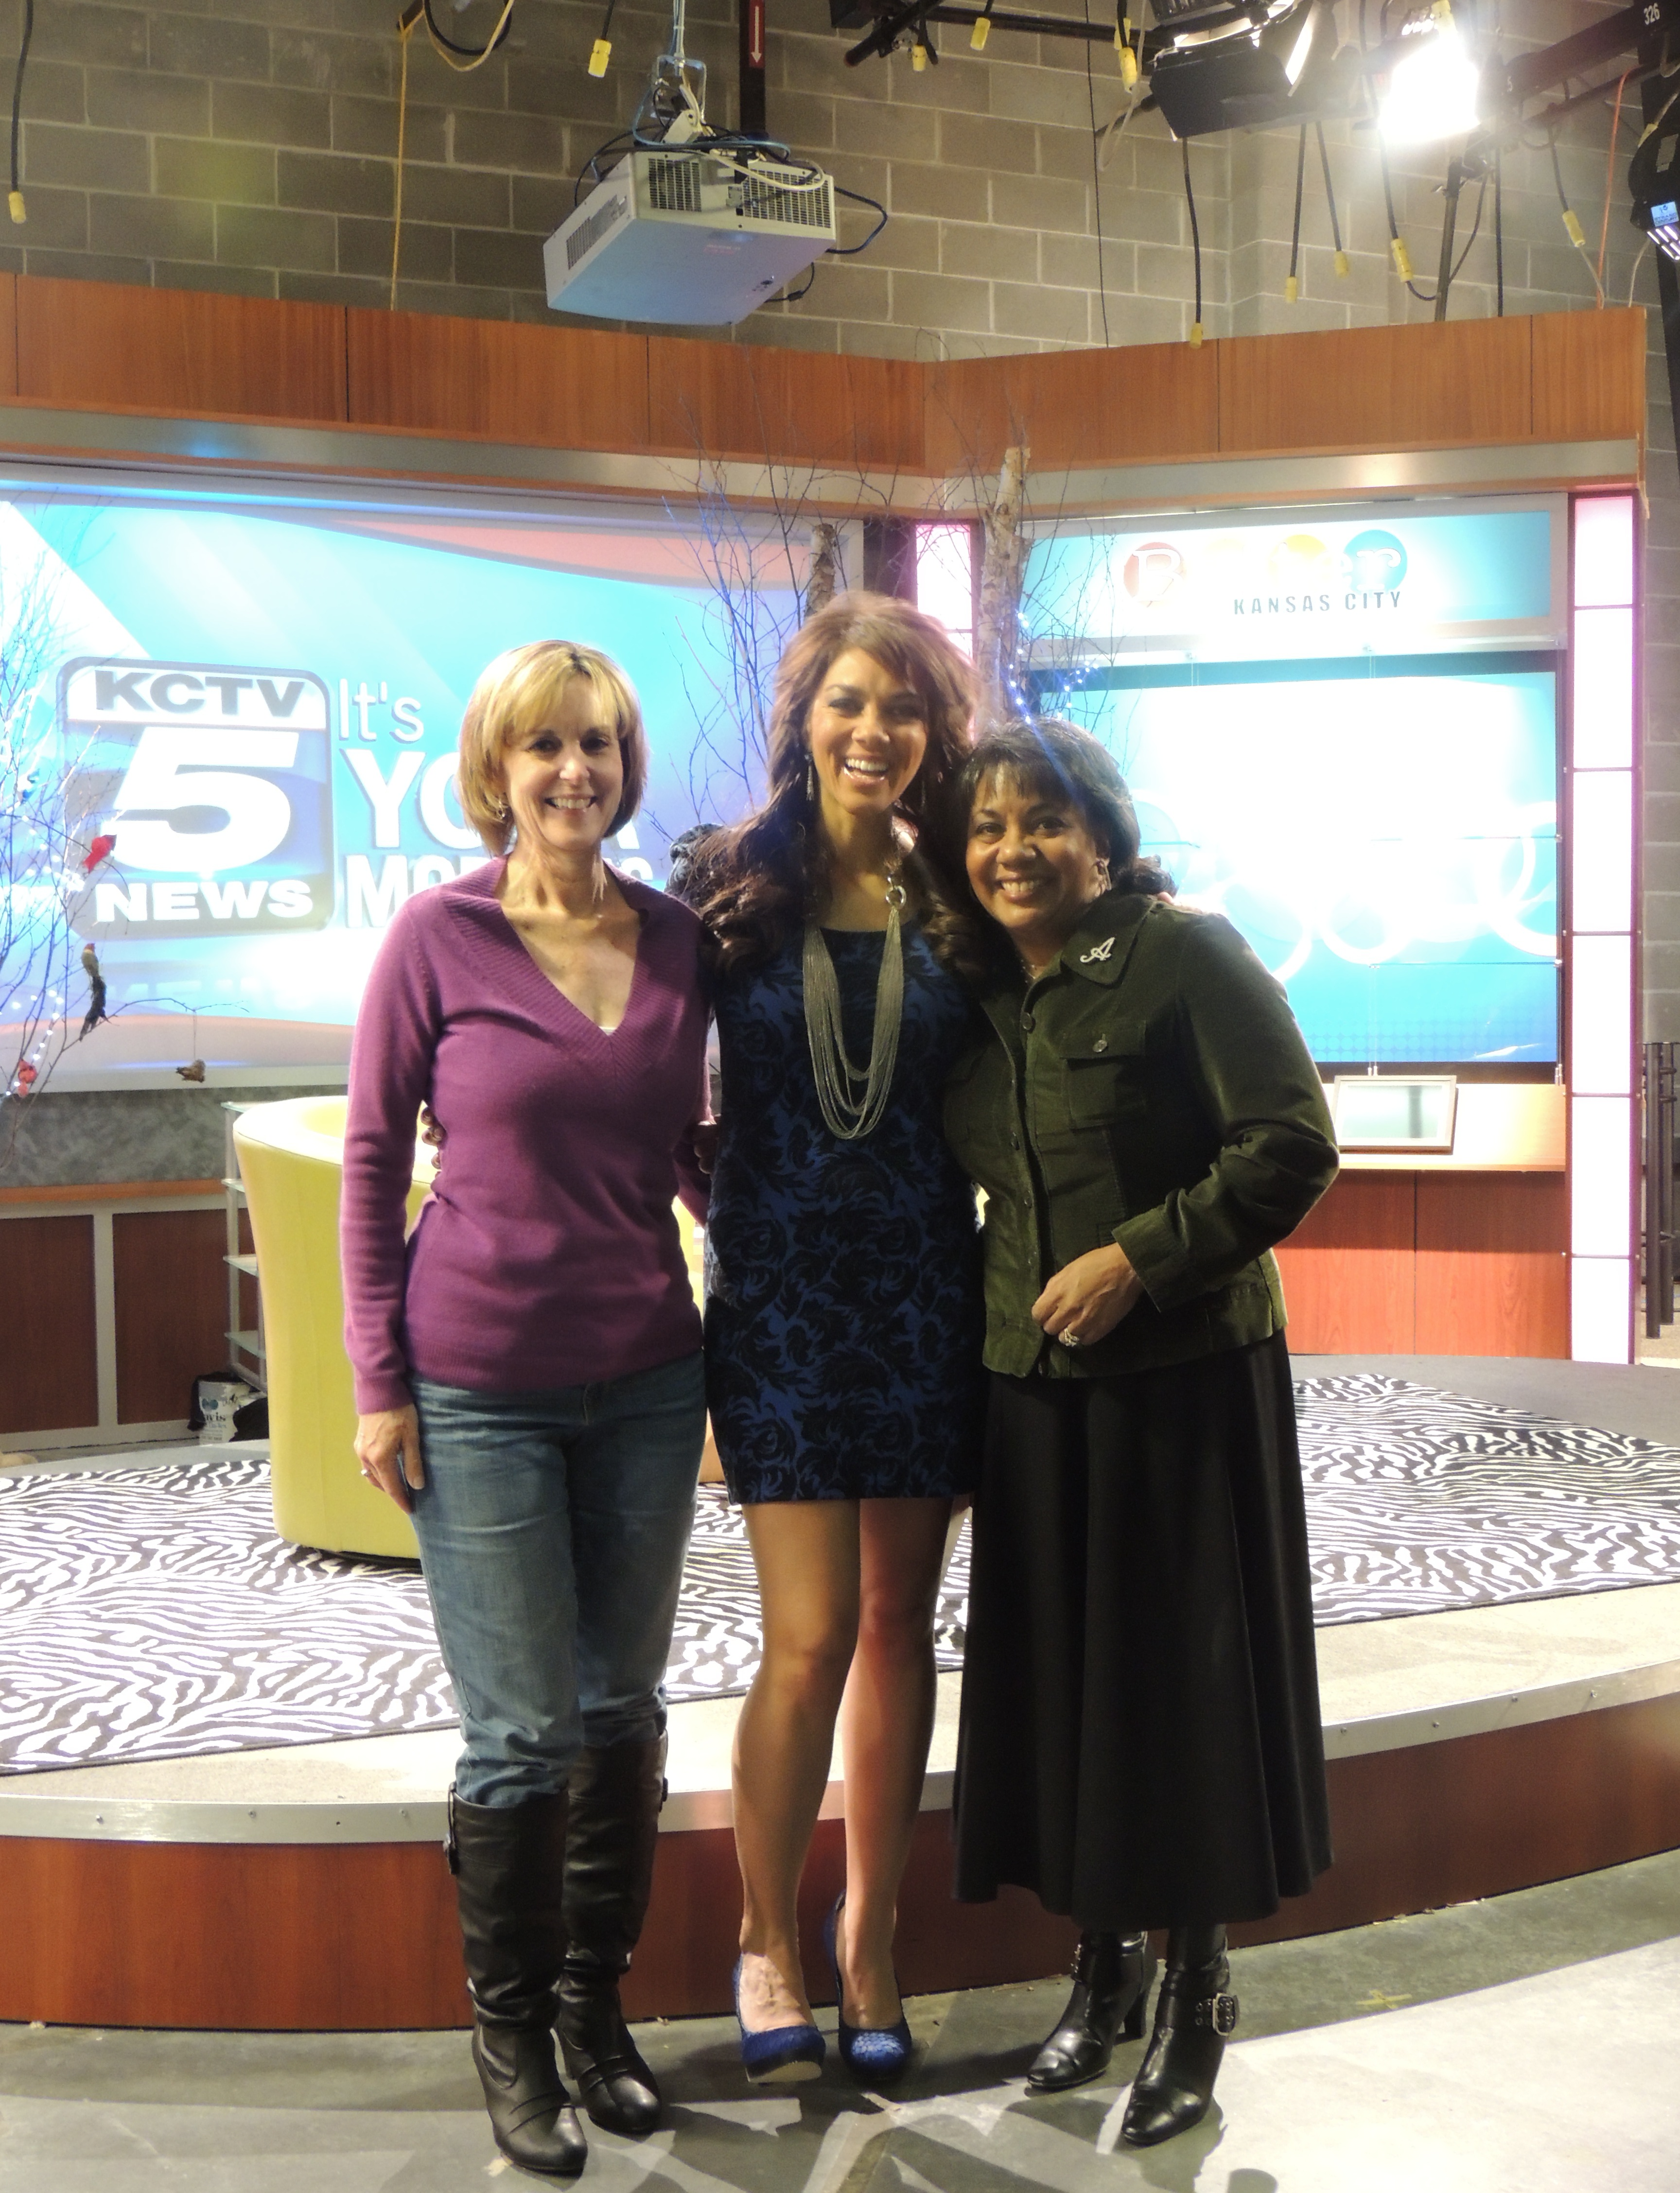 L to R: Friend/Neighbor/Fabulous Helper Barbara, Host Kelly Jones, me.